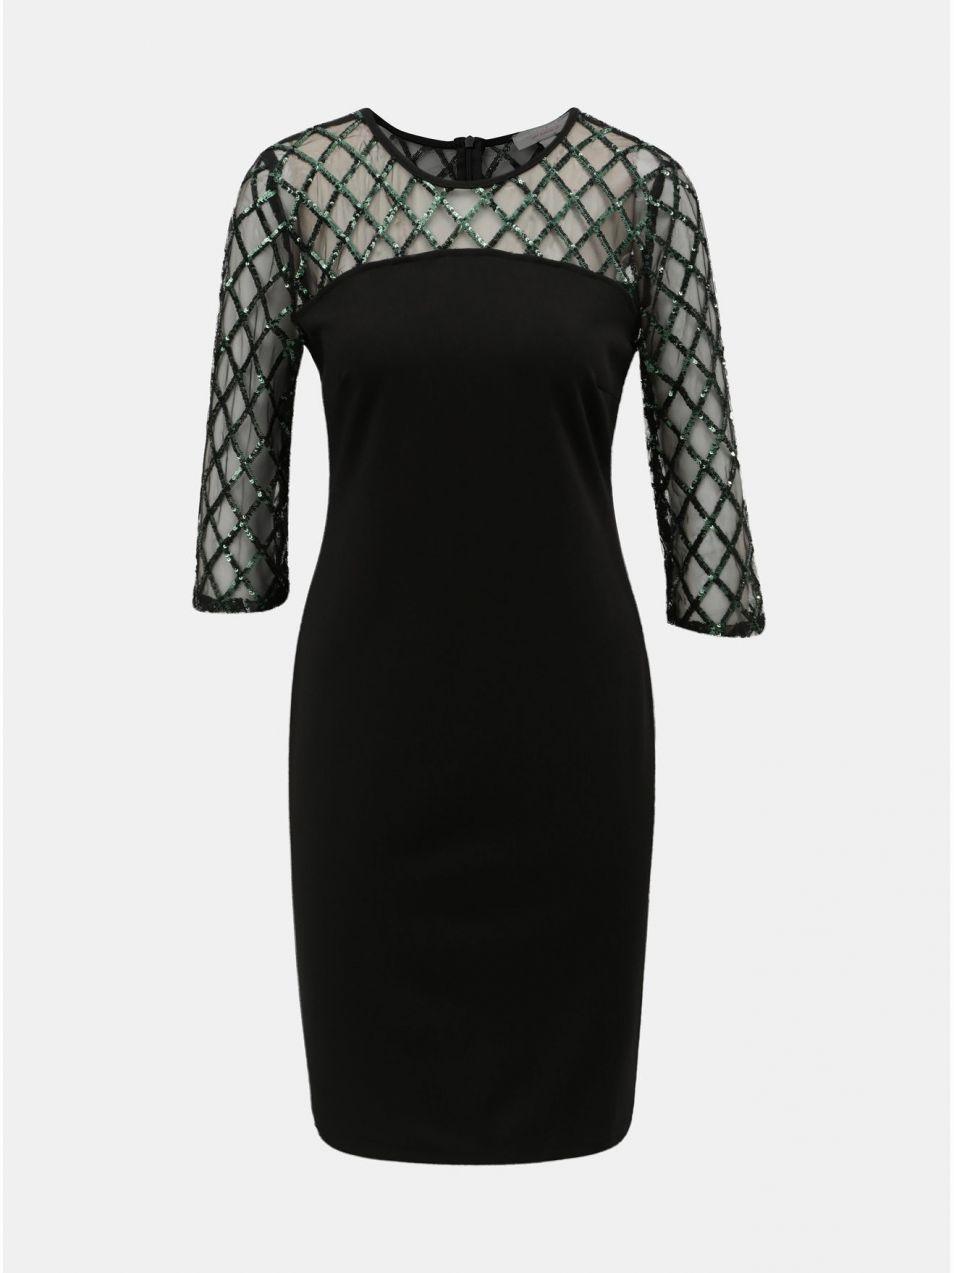 Čierne puzdrové šaty s flitrami Dorothy Perkins Petite značky ... 6a3982b6f3f